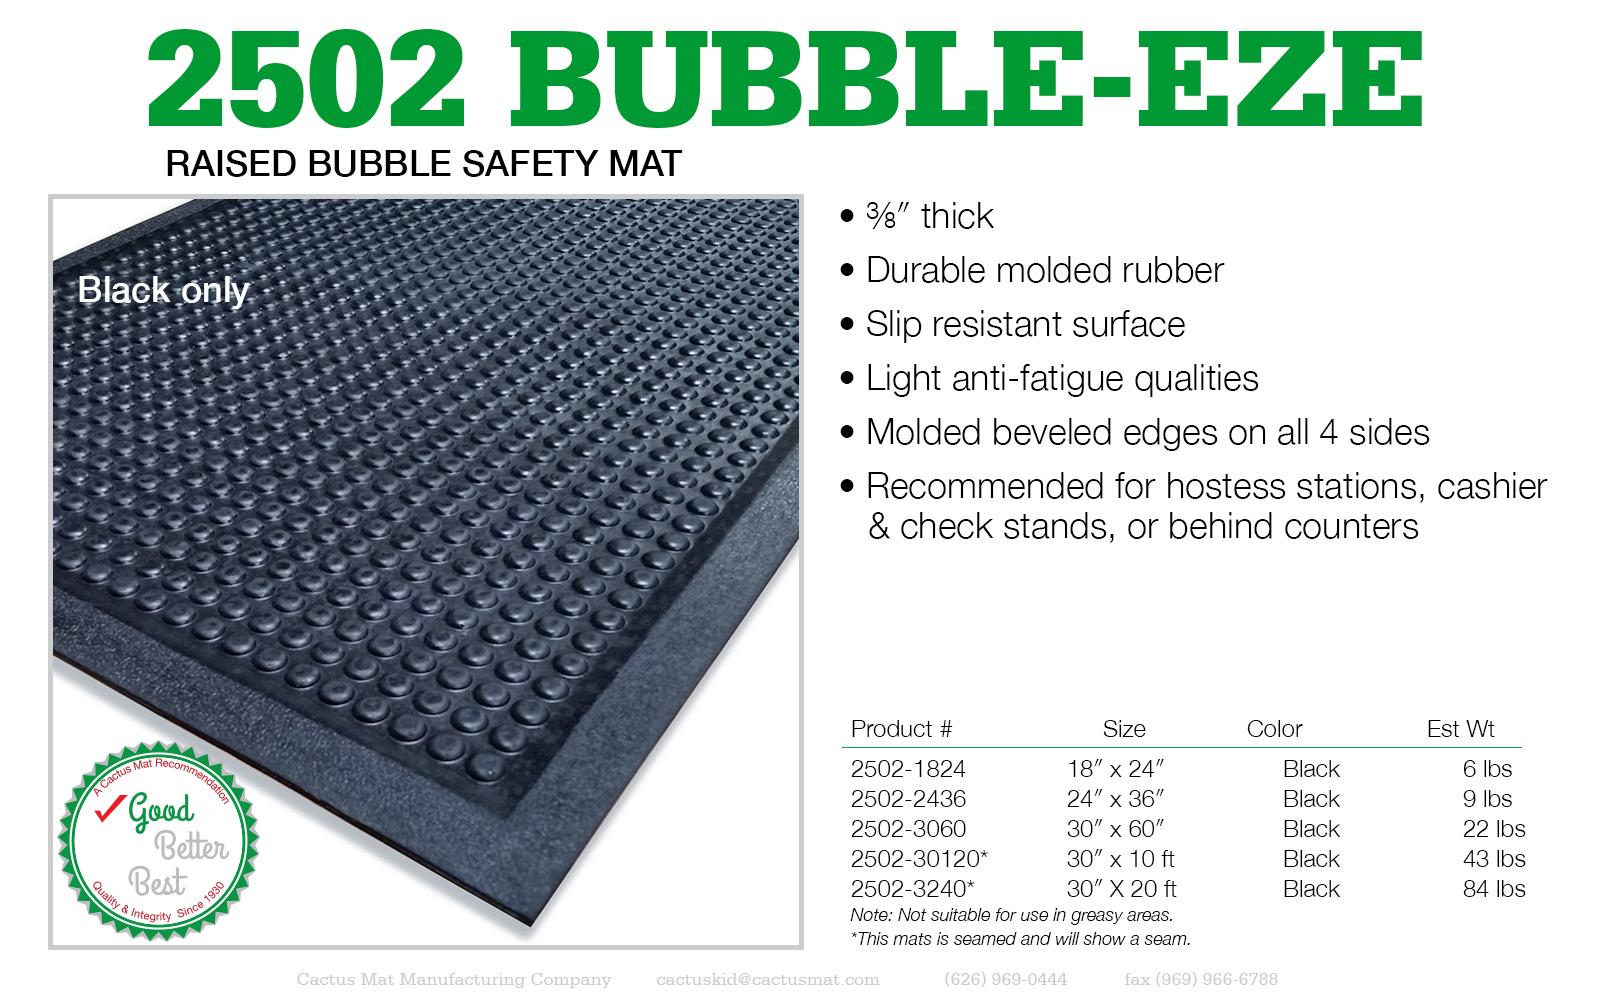 2502_Bubble-EzeB_1600x1000.jpg